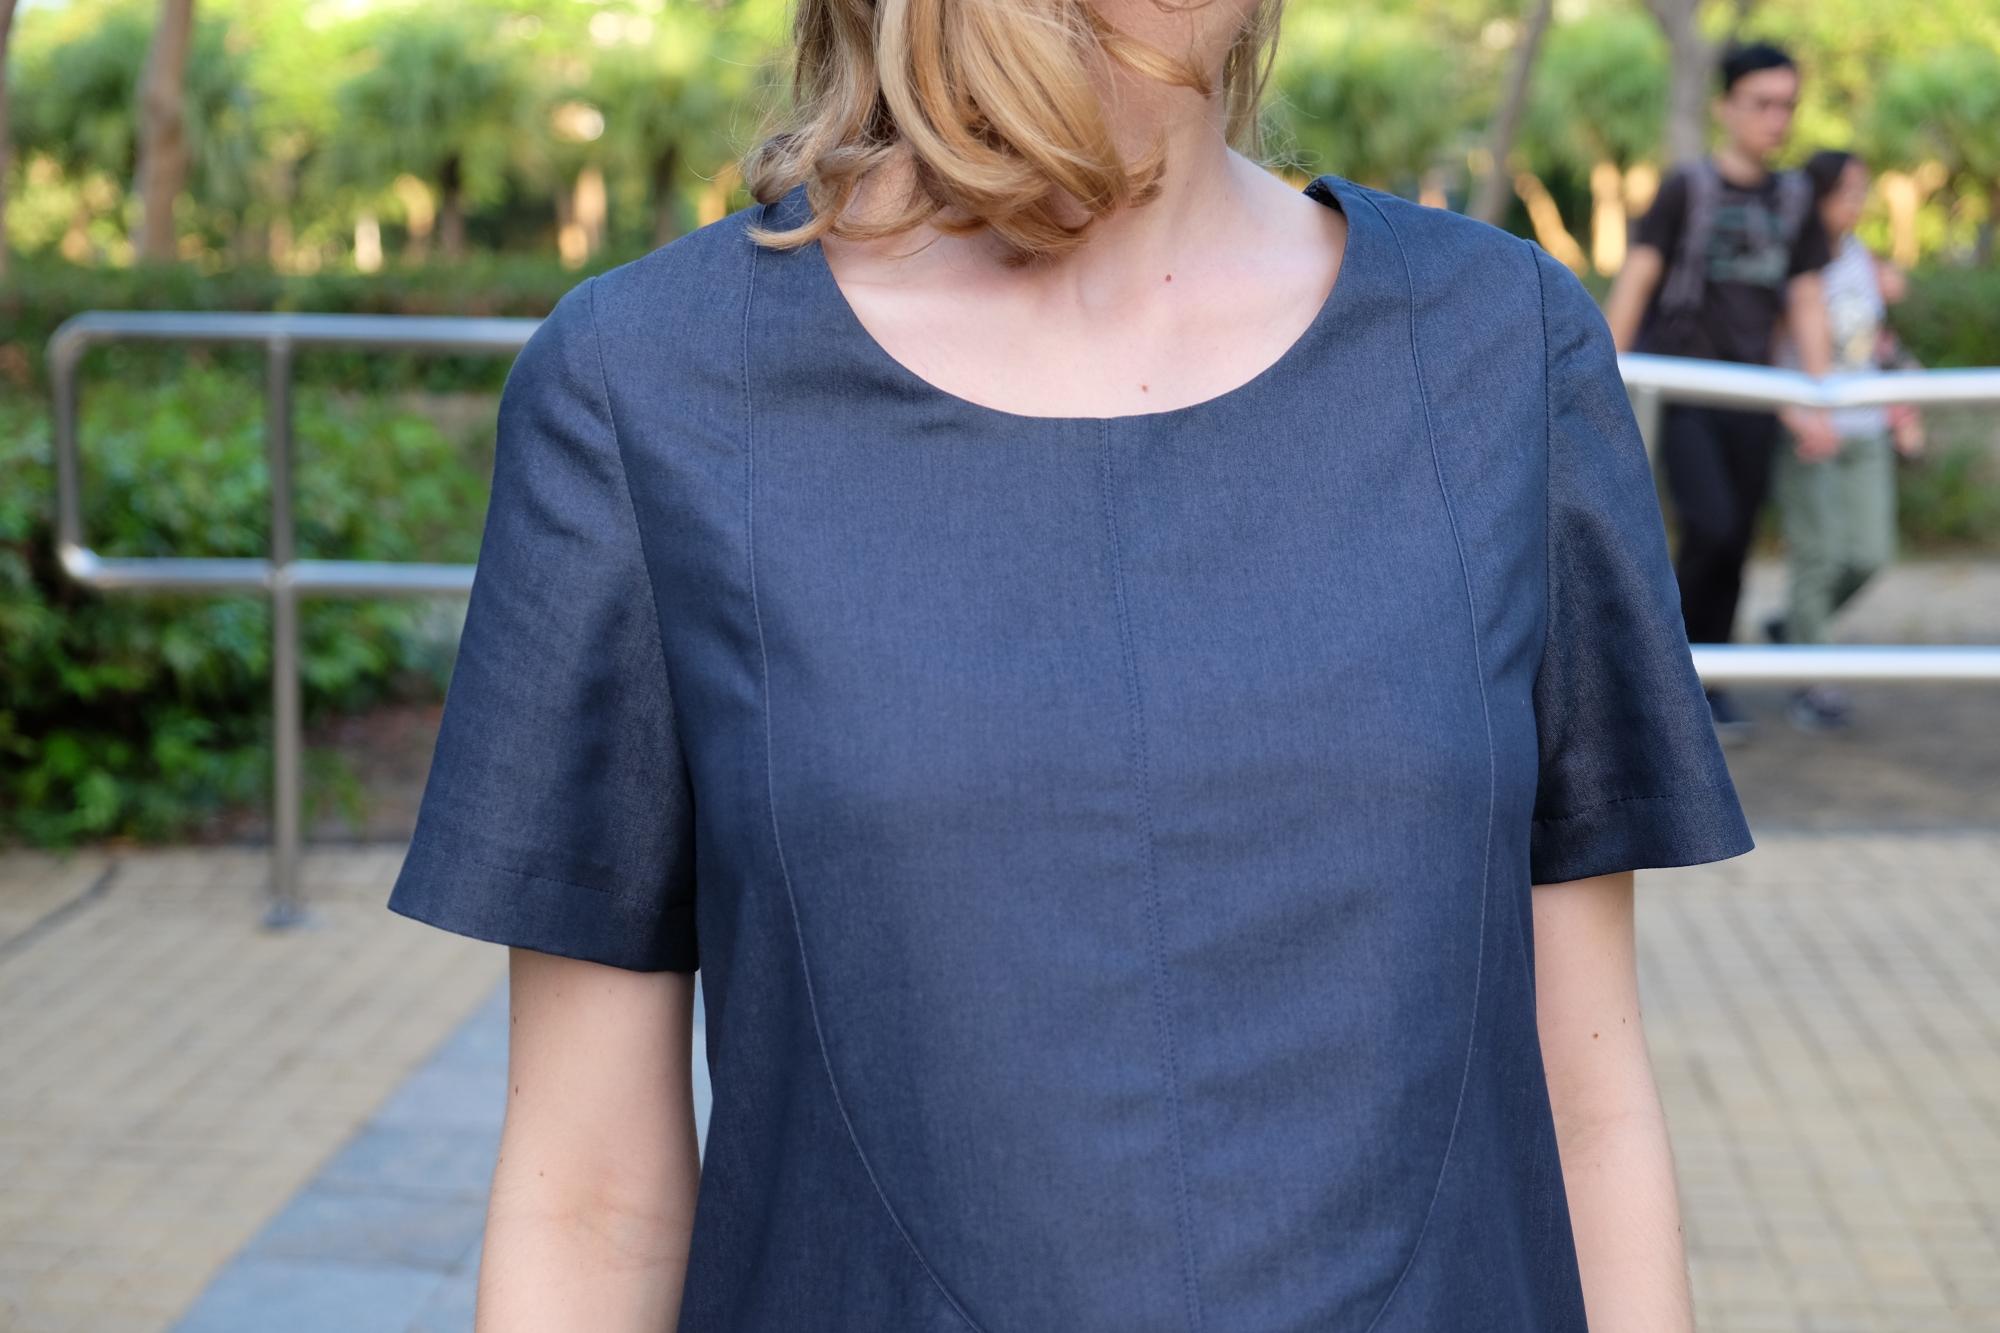 dress-shirt-merchant-and-mills-8